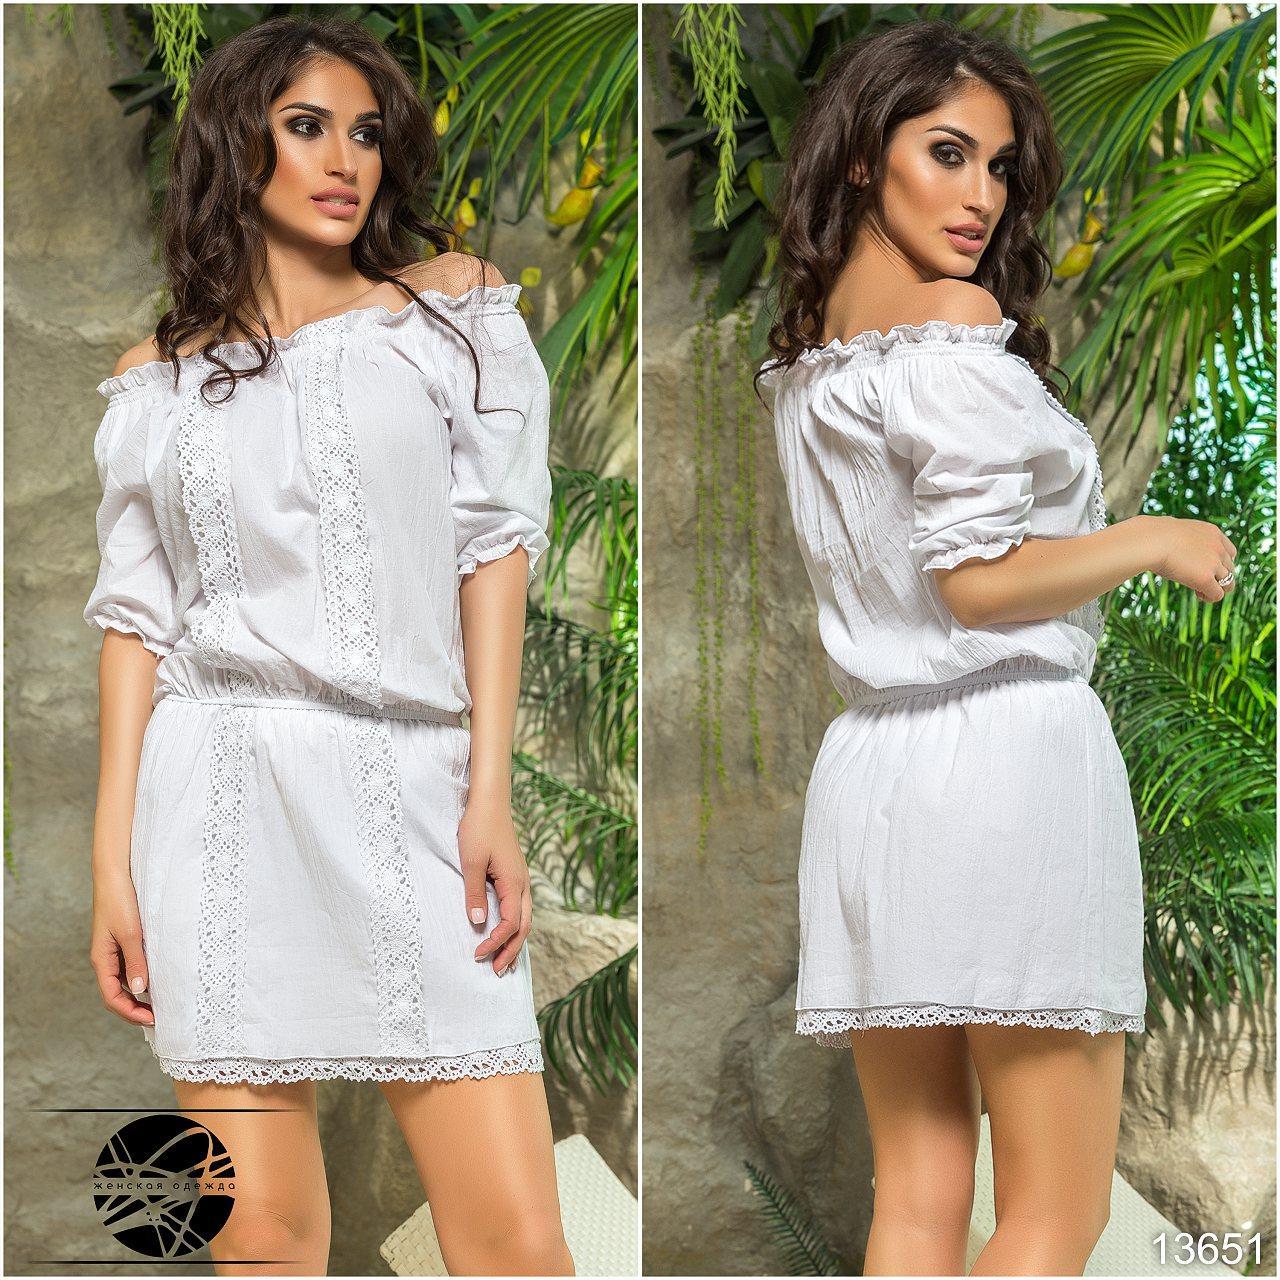 764ed9a2e5d Купить Белое летнее платье с кружевом. Модель 13651. в Одессе